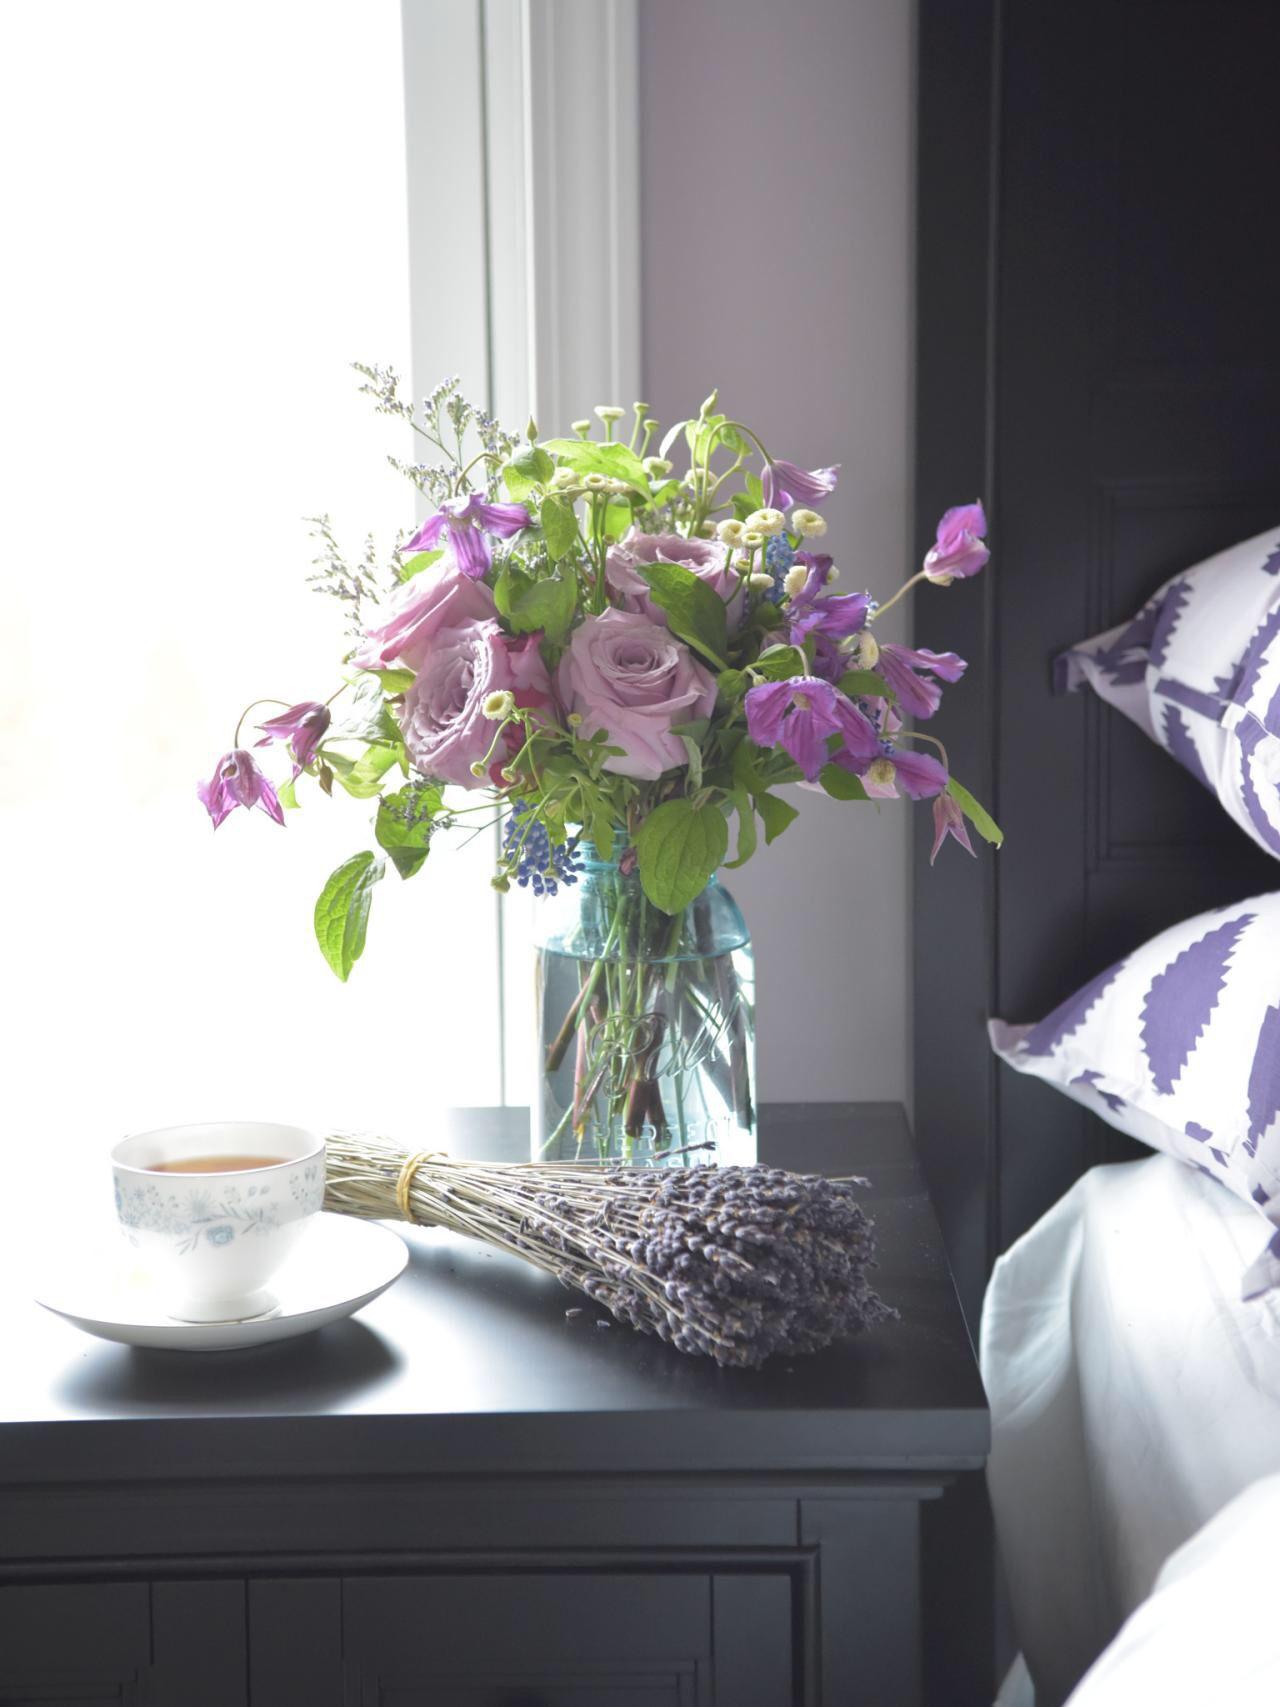 이미지 출처 http://hgtvhome.sndimg.com/content/dam/images/hgtv/fullset/2015/3/19/0/Original-BPF-Spring-House_interior_color-palettes_lavender-violet-green_v.jpg.rend.hgtvcom.1280.1707.jpeg